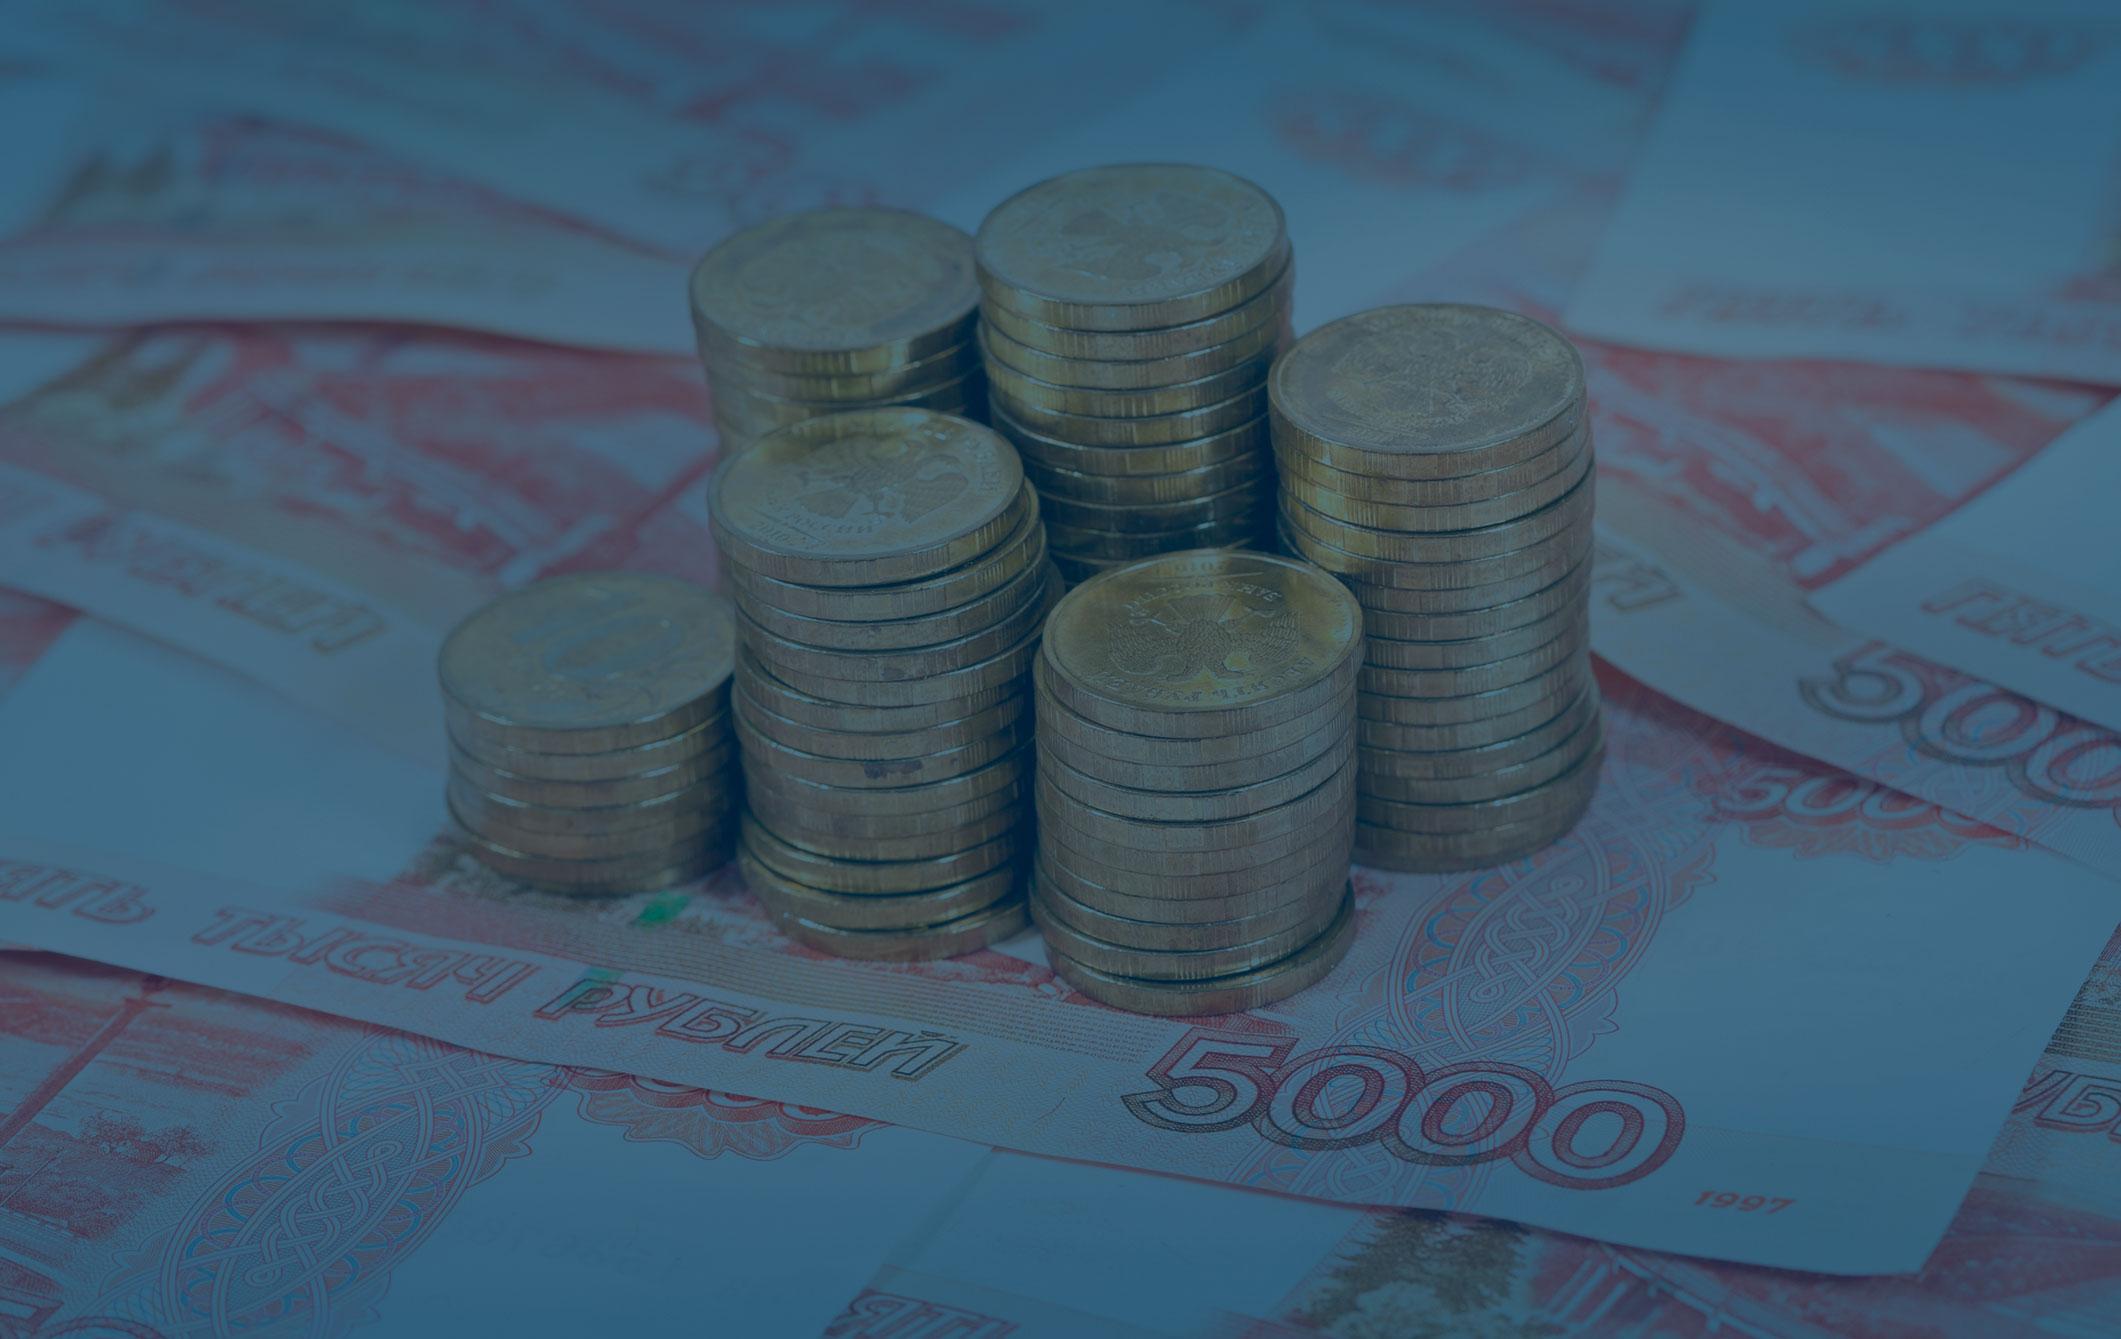 Внедрение элементов финансовой грамотности